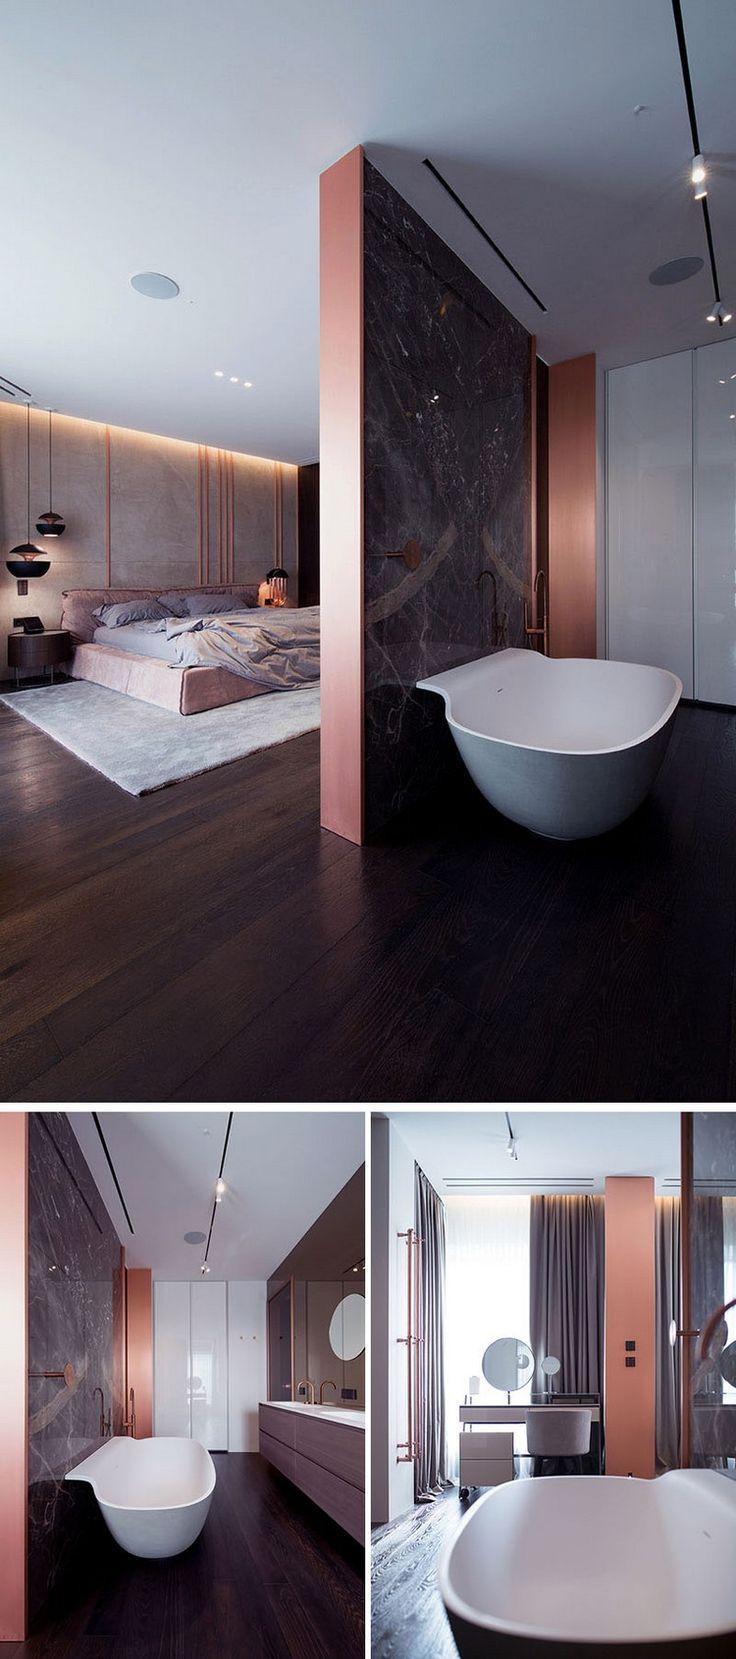 die besten 25 schlafzimmer kupfer ideen auf pinterest kupfer einrichtung kupfer m bel und. Black Bedroom Furniture Sets. Home Design Ideas